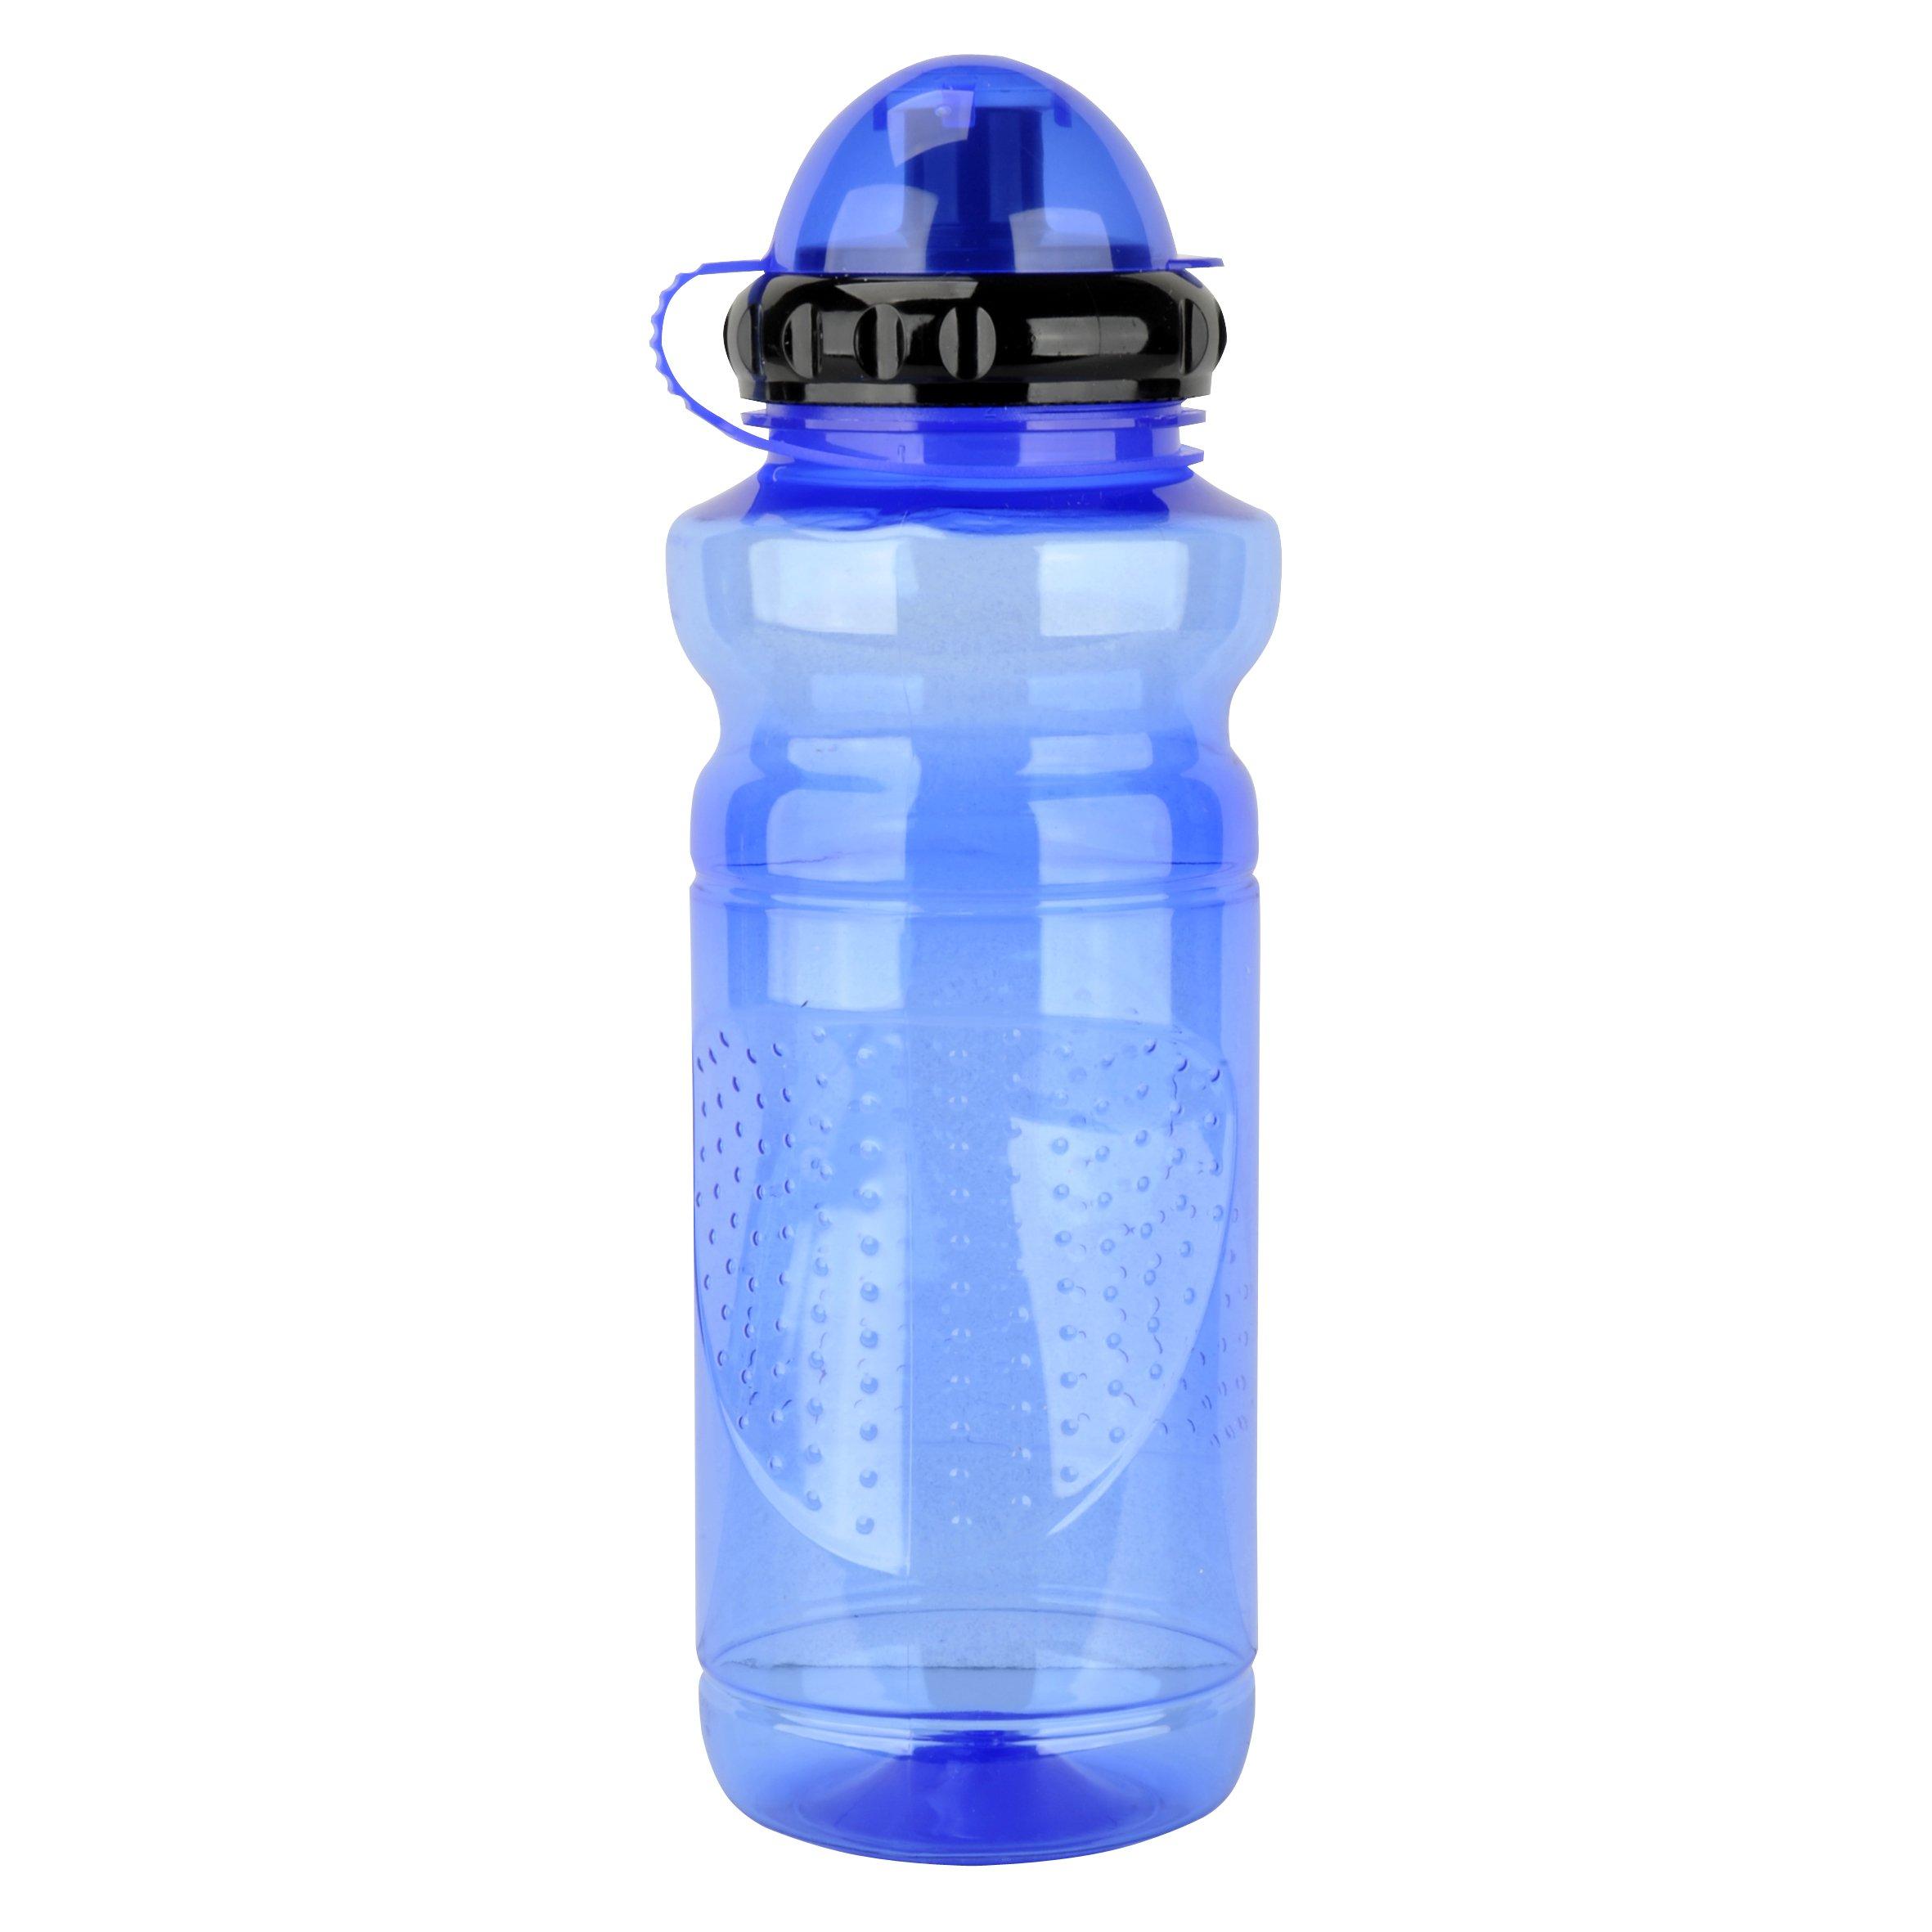 FISCHER Erwachsene Kunststoff bl 700ml Trinkflasche, Blau, 700 ml